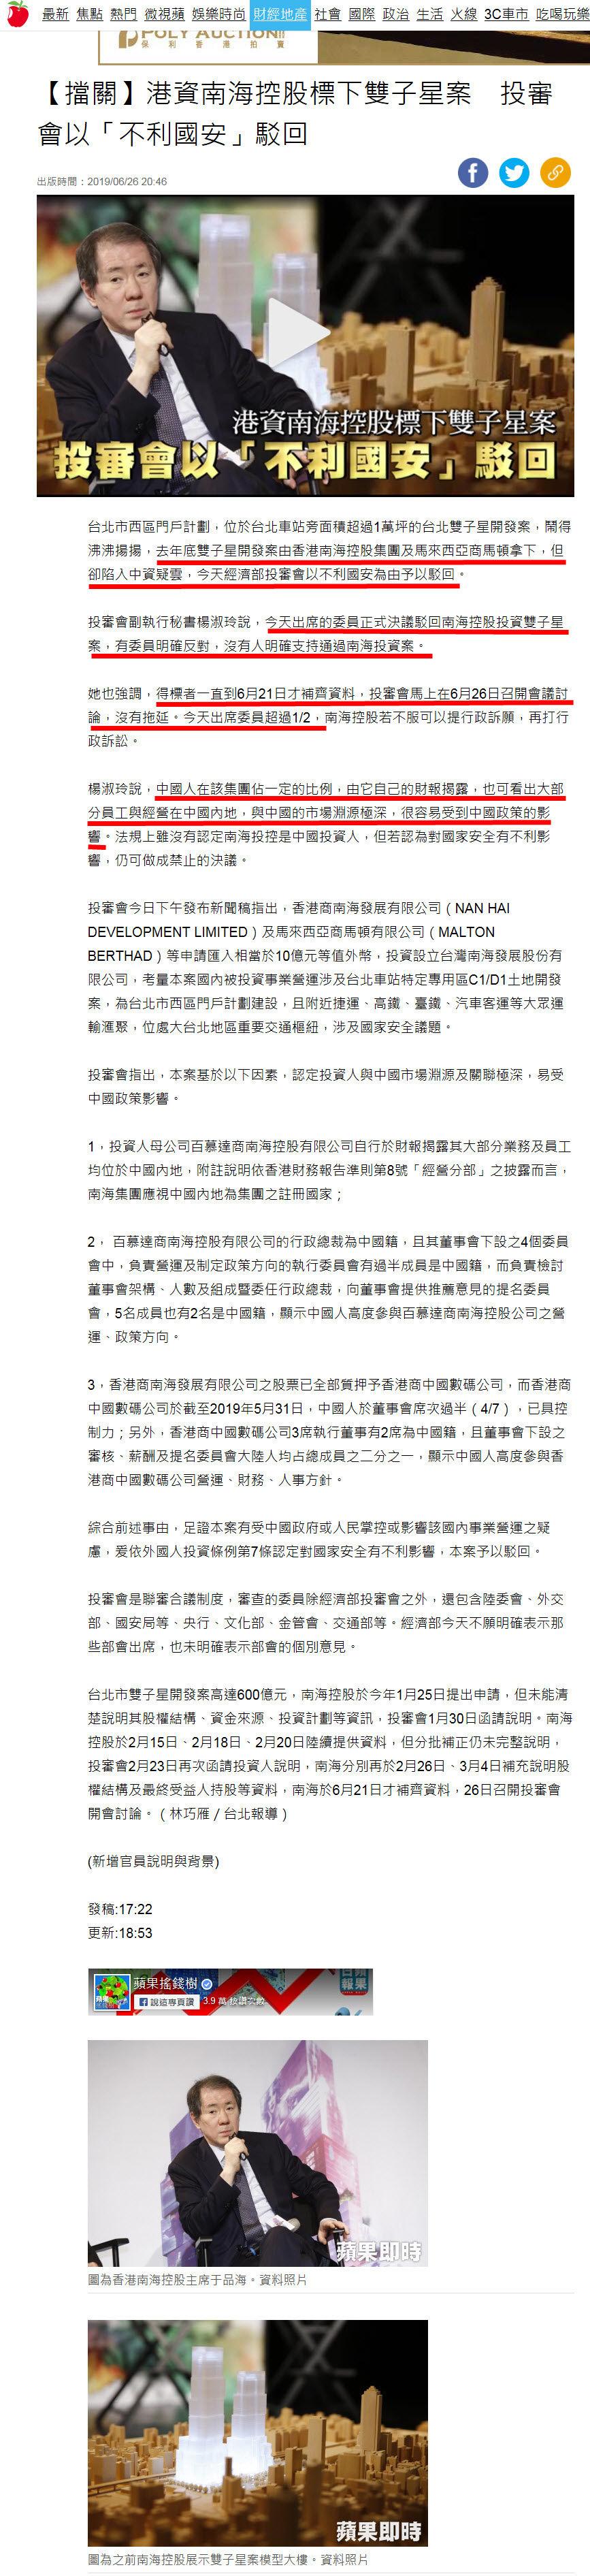 港資南海控股標下雙子星案 投審會以「不利國安」駁回-2019.06.26.jpg